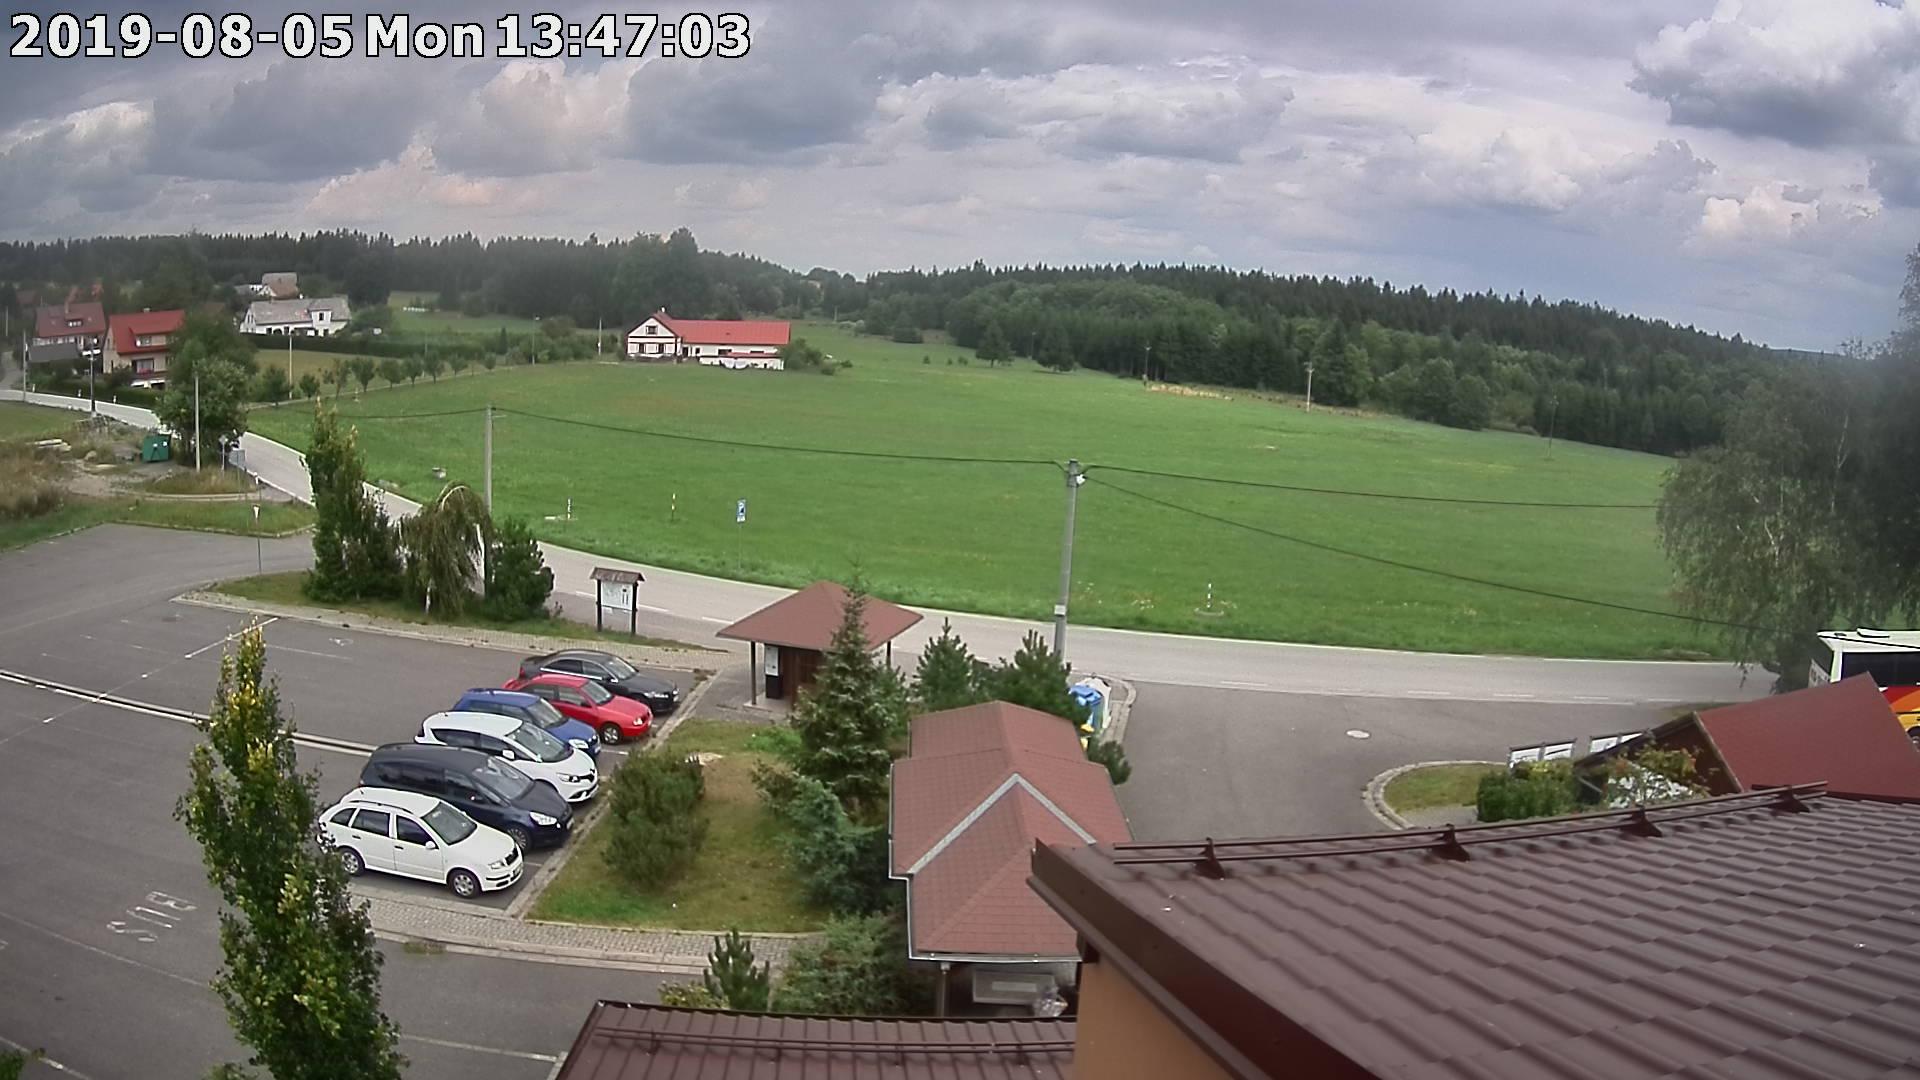 Webkamera ze dne 2019-08-05